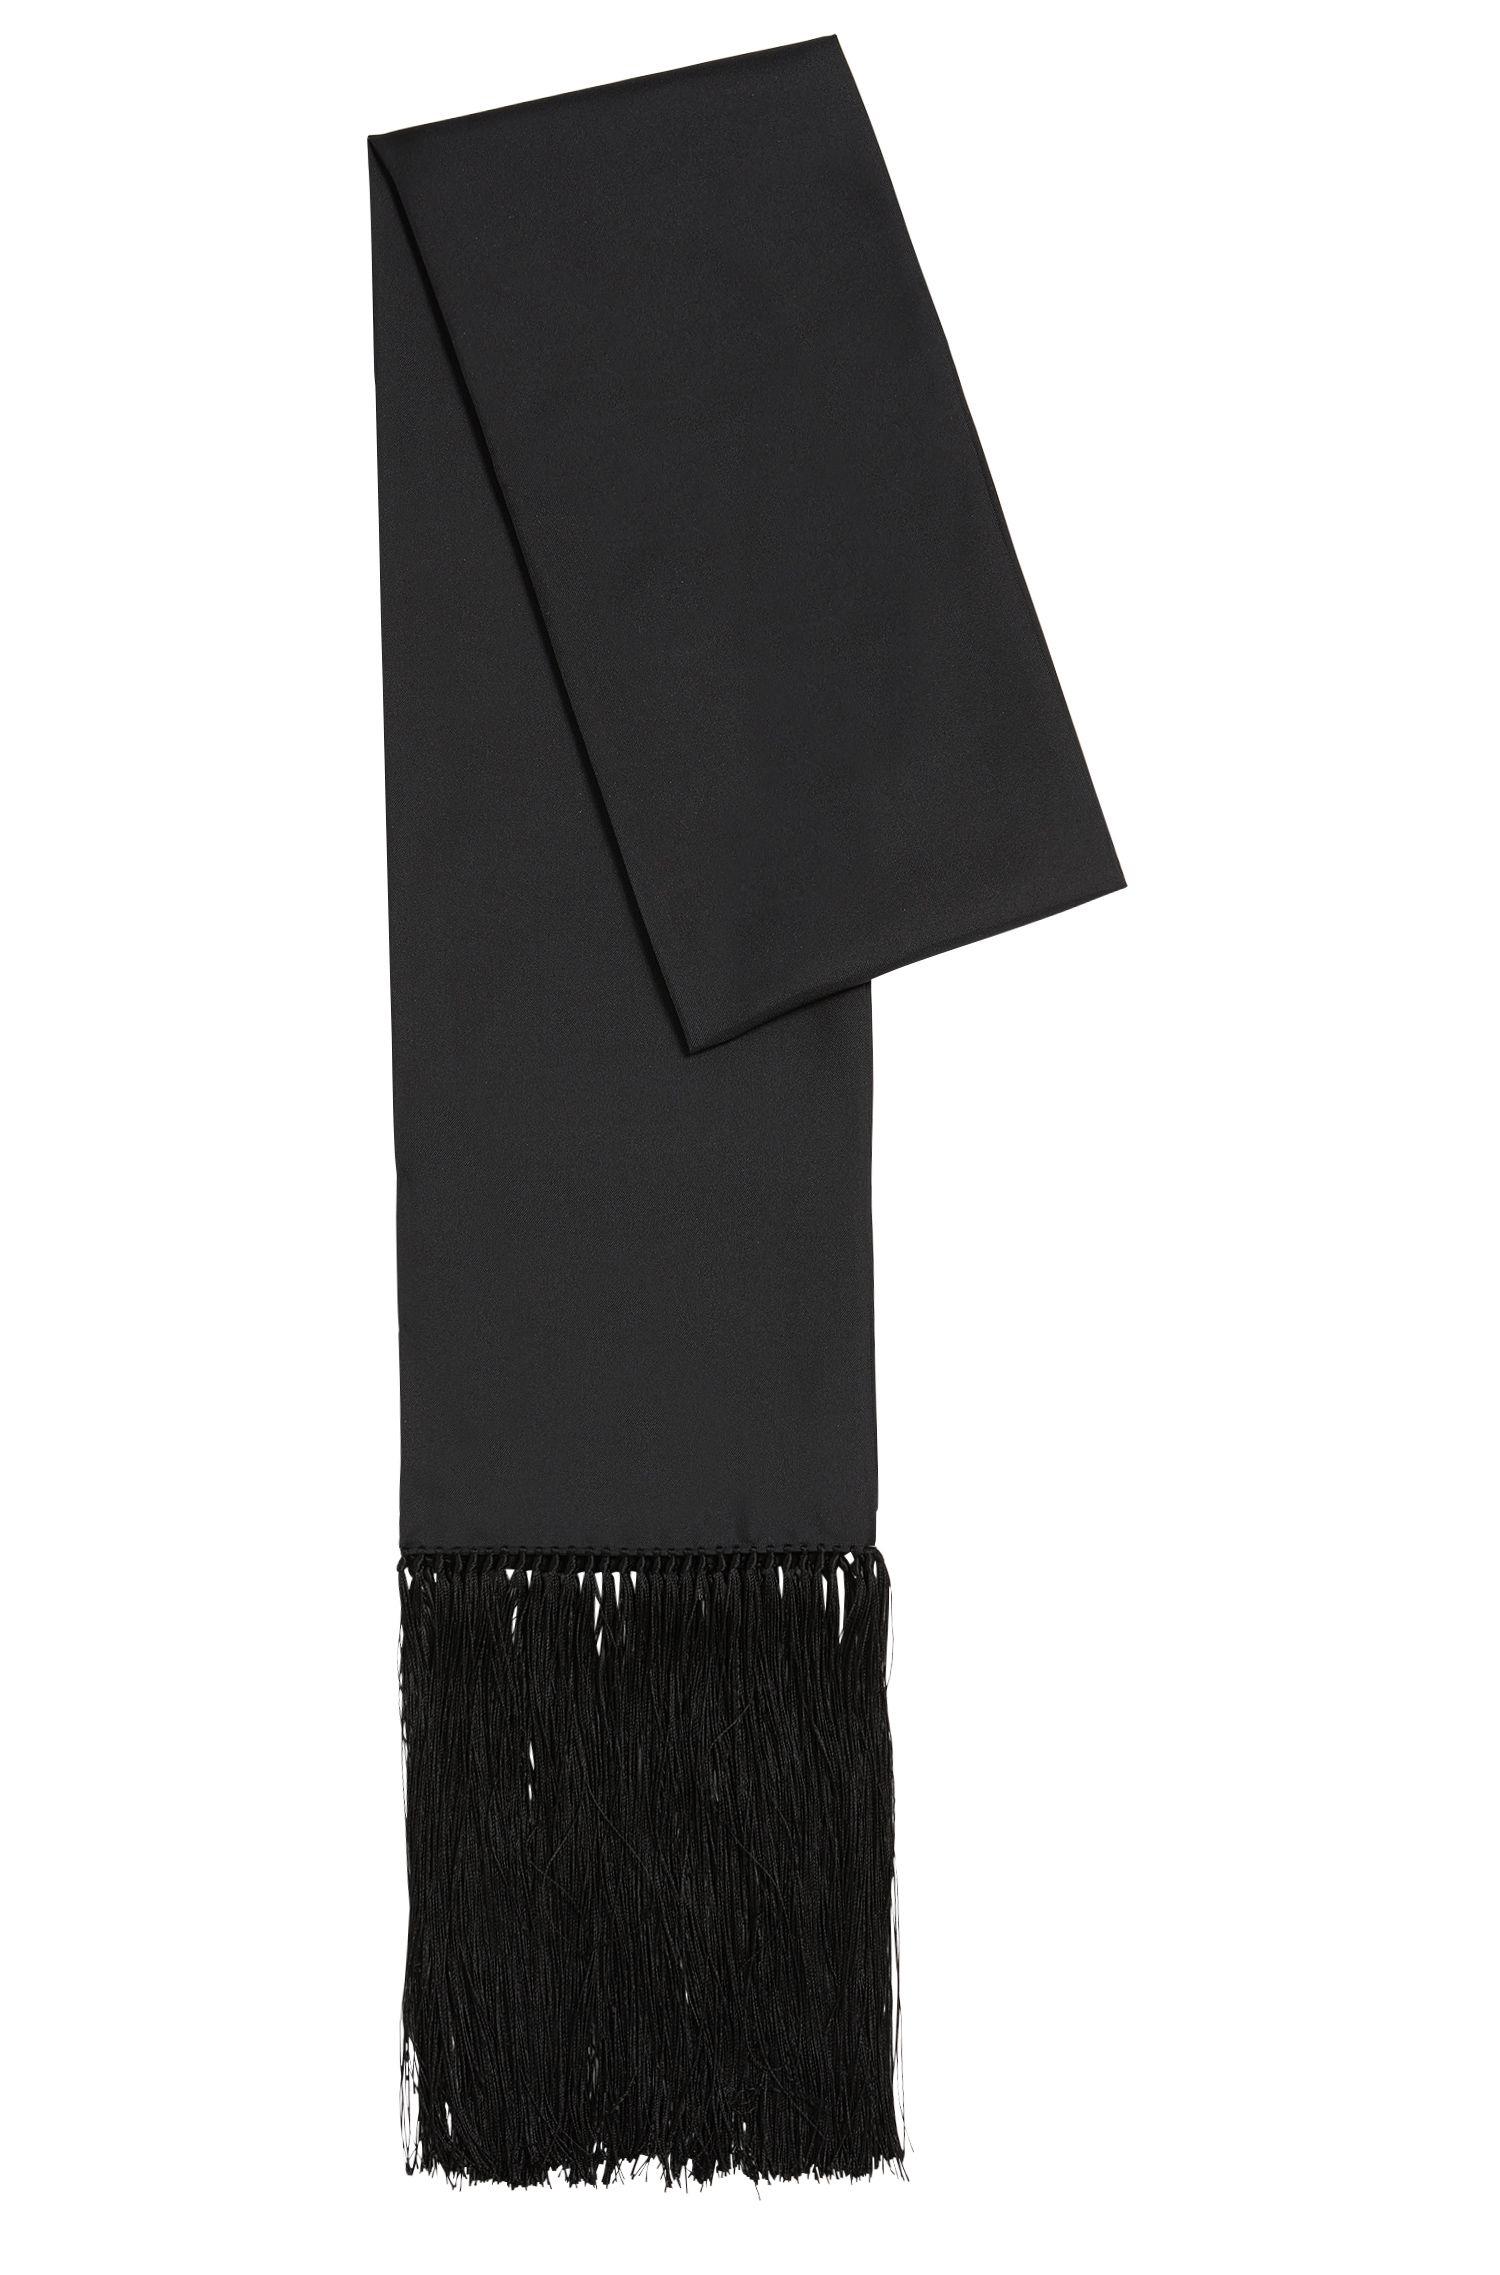 Unifarbener Schal aus Seide mit feinen Fransen: 'Lolana'